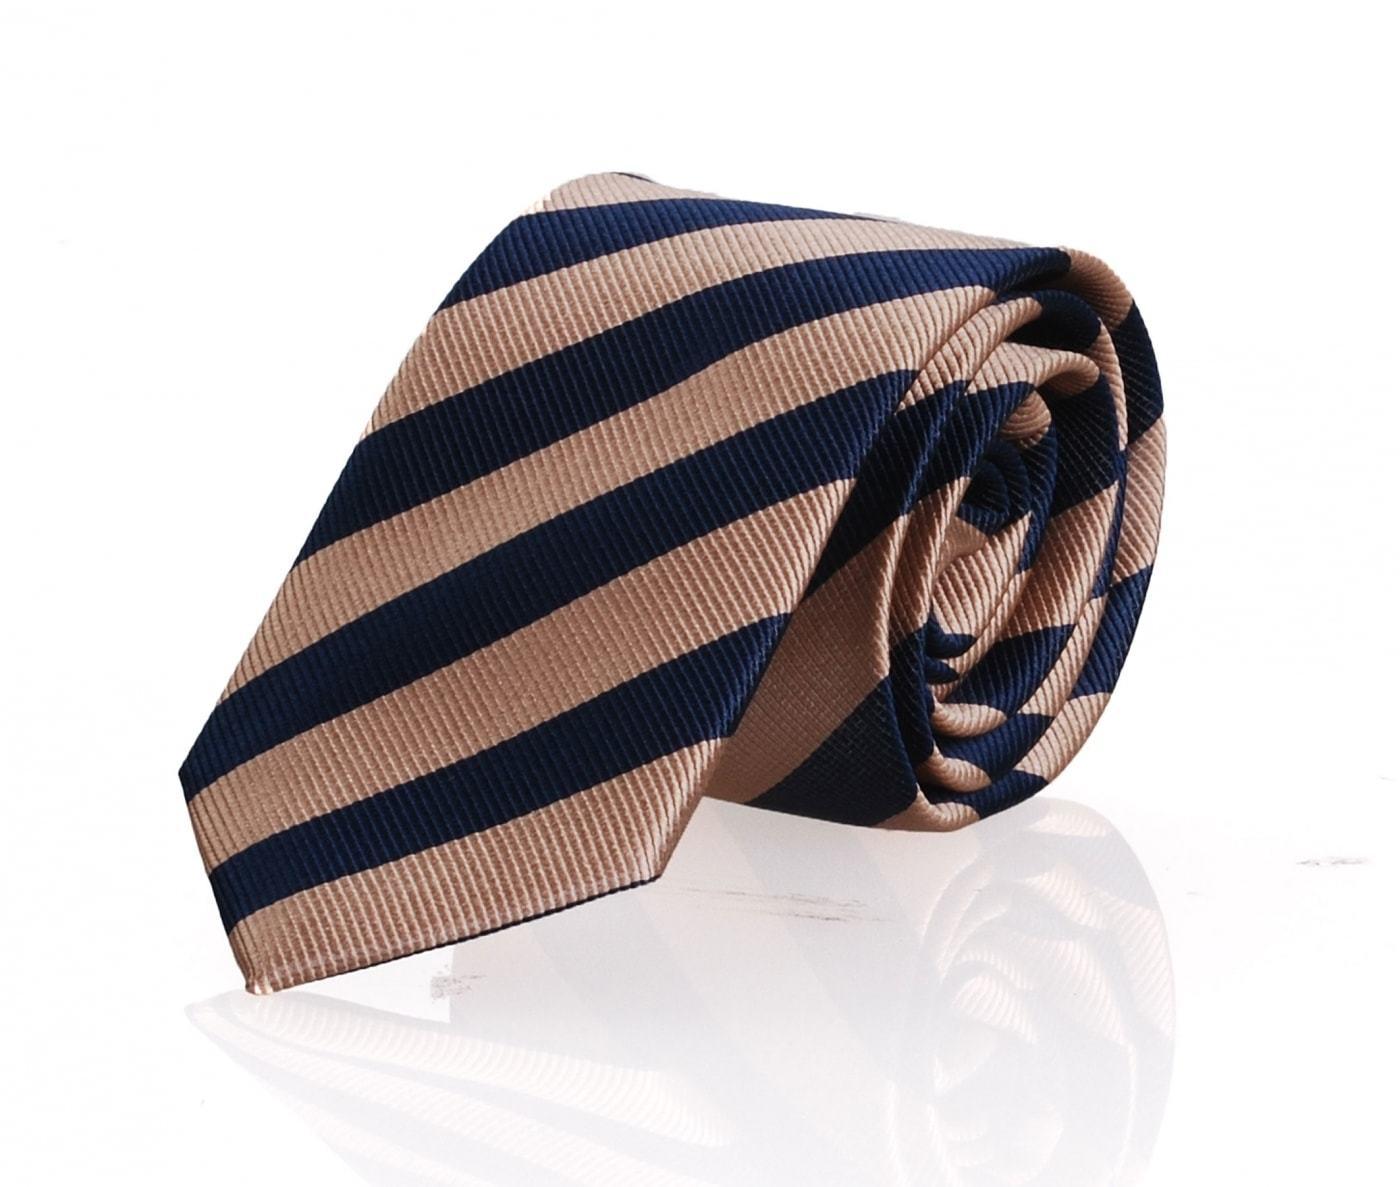 Krawatte Beige - Navy Streifen FD15 foto 0